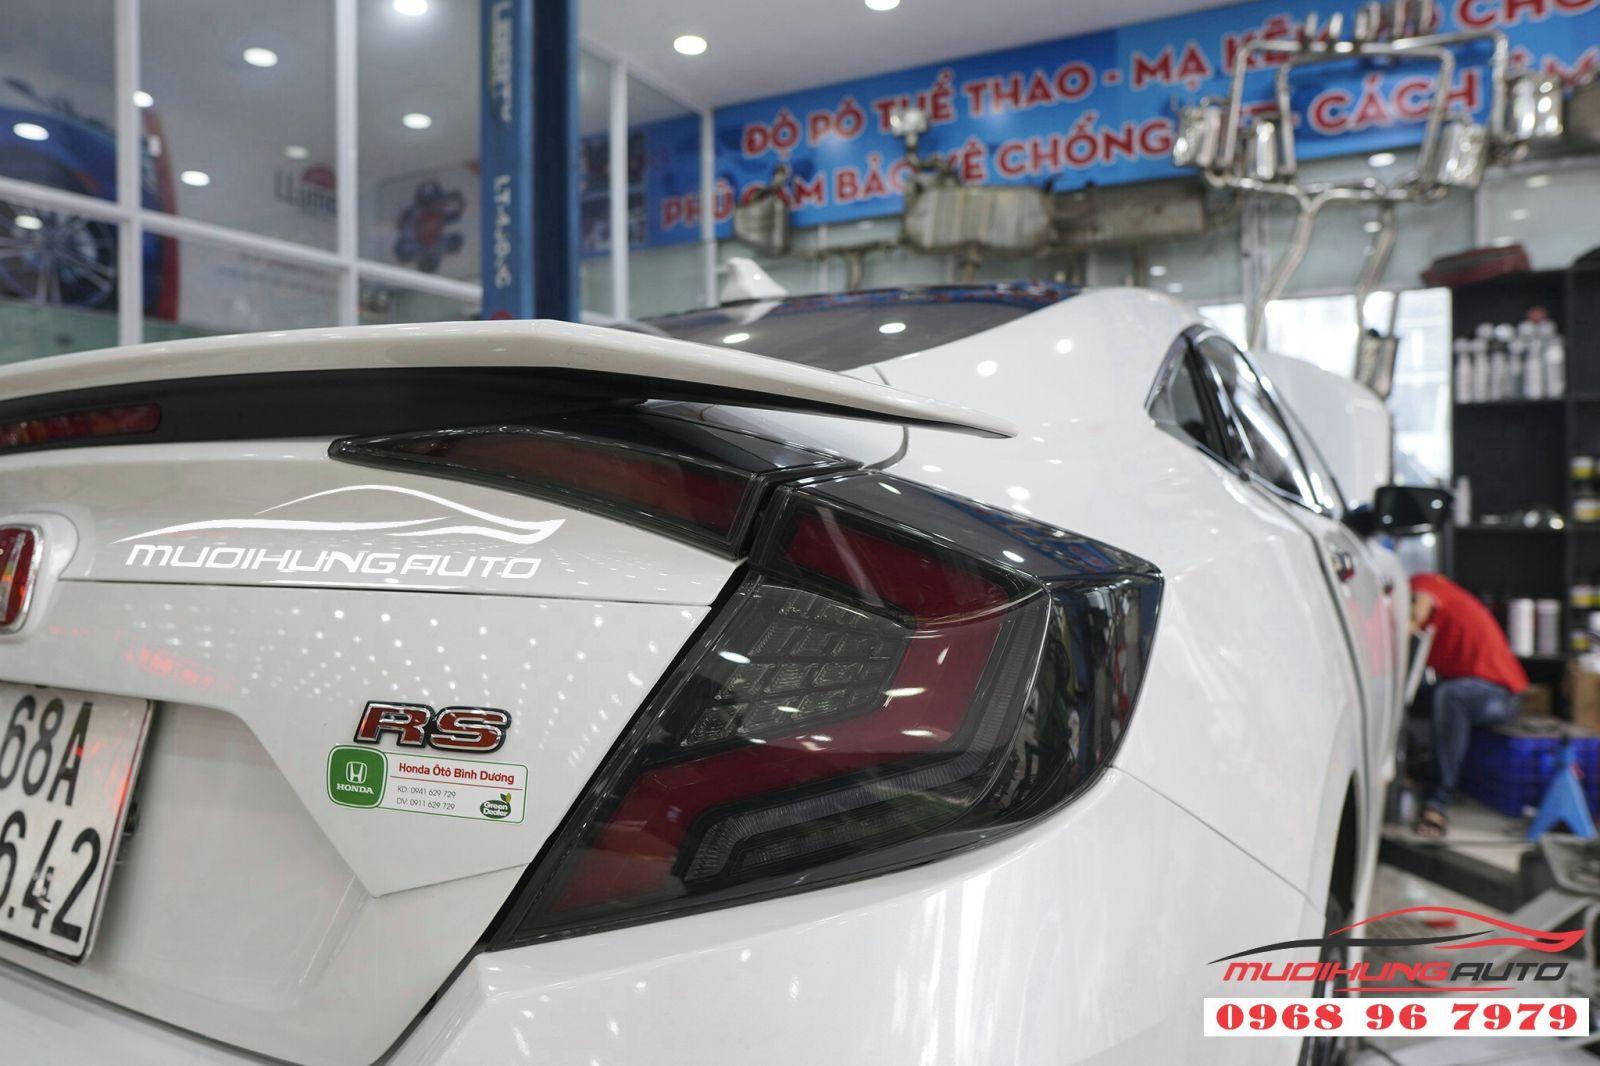 Thay cụm đèn hậu cho Honda Civic 06